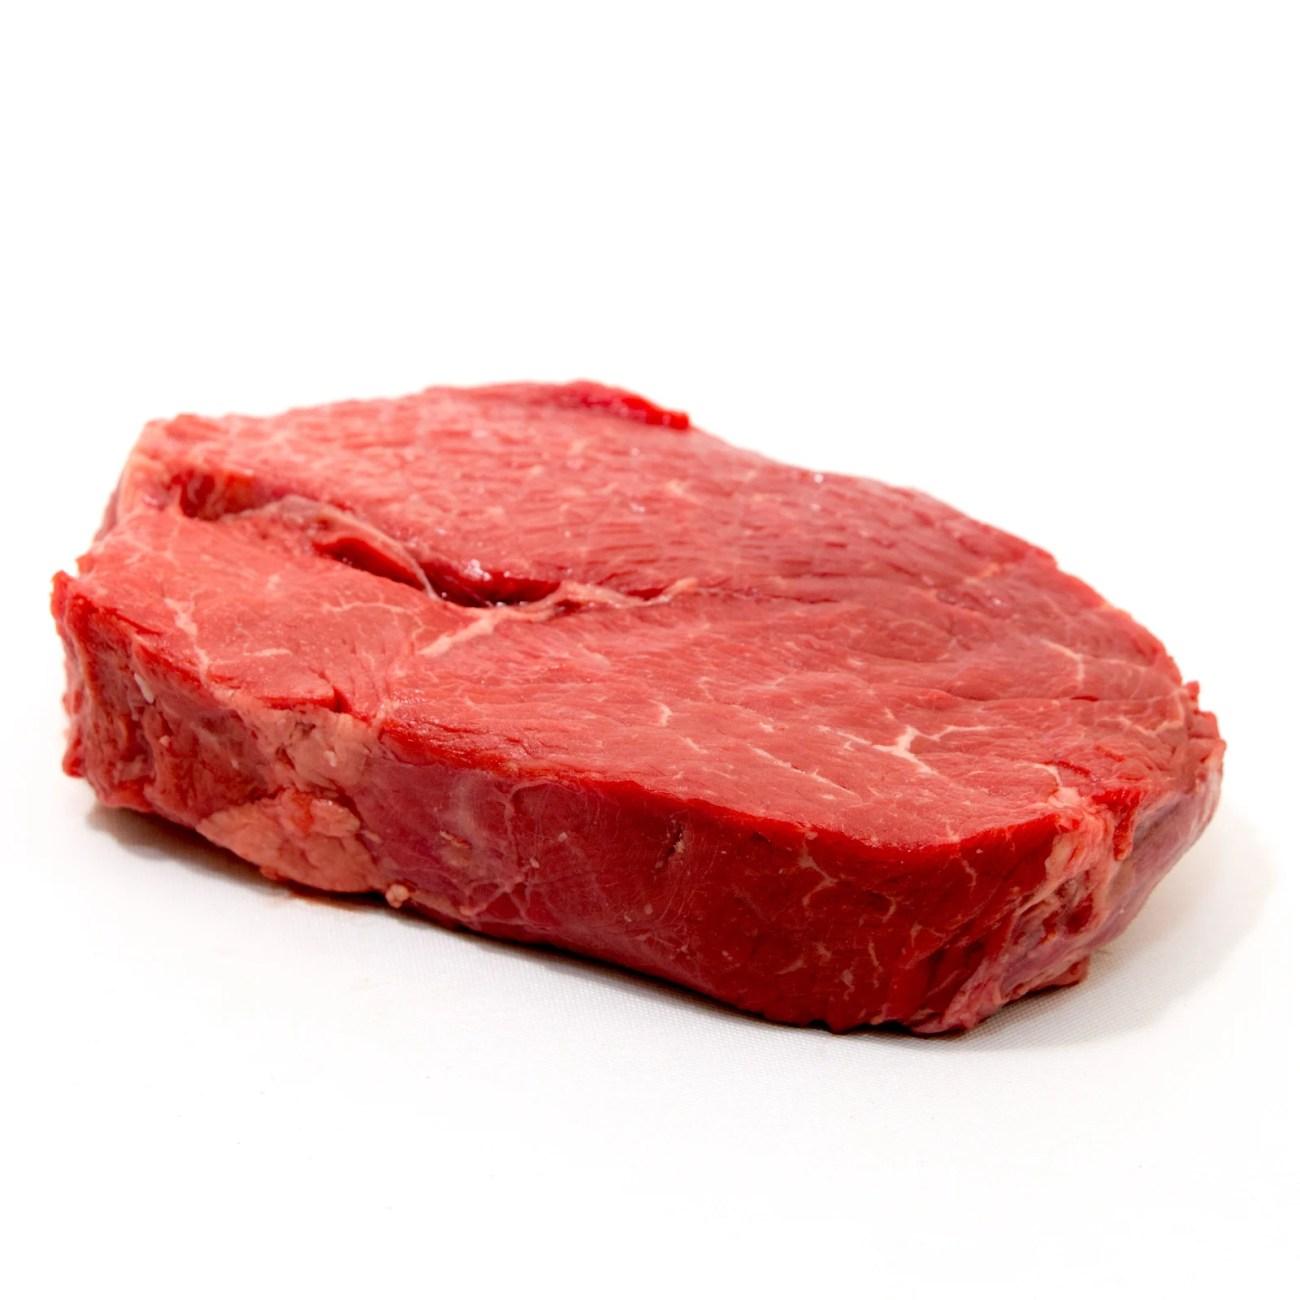 Mengenal 8 Macam Bagian Daging Sapi Yang Tepat Untuk Steak